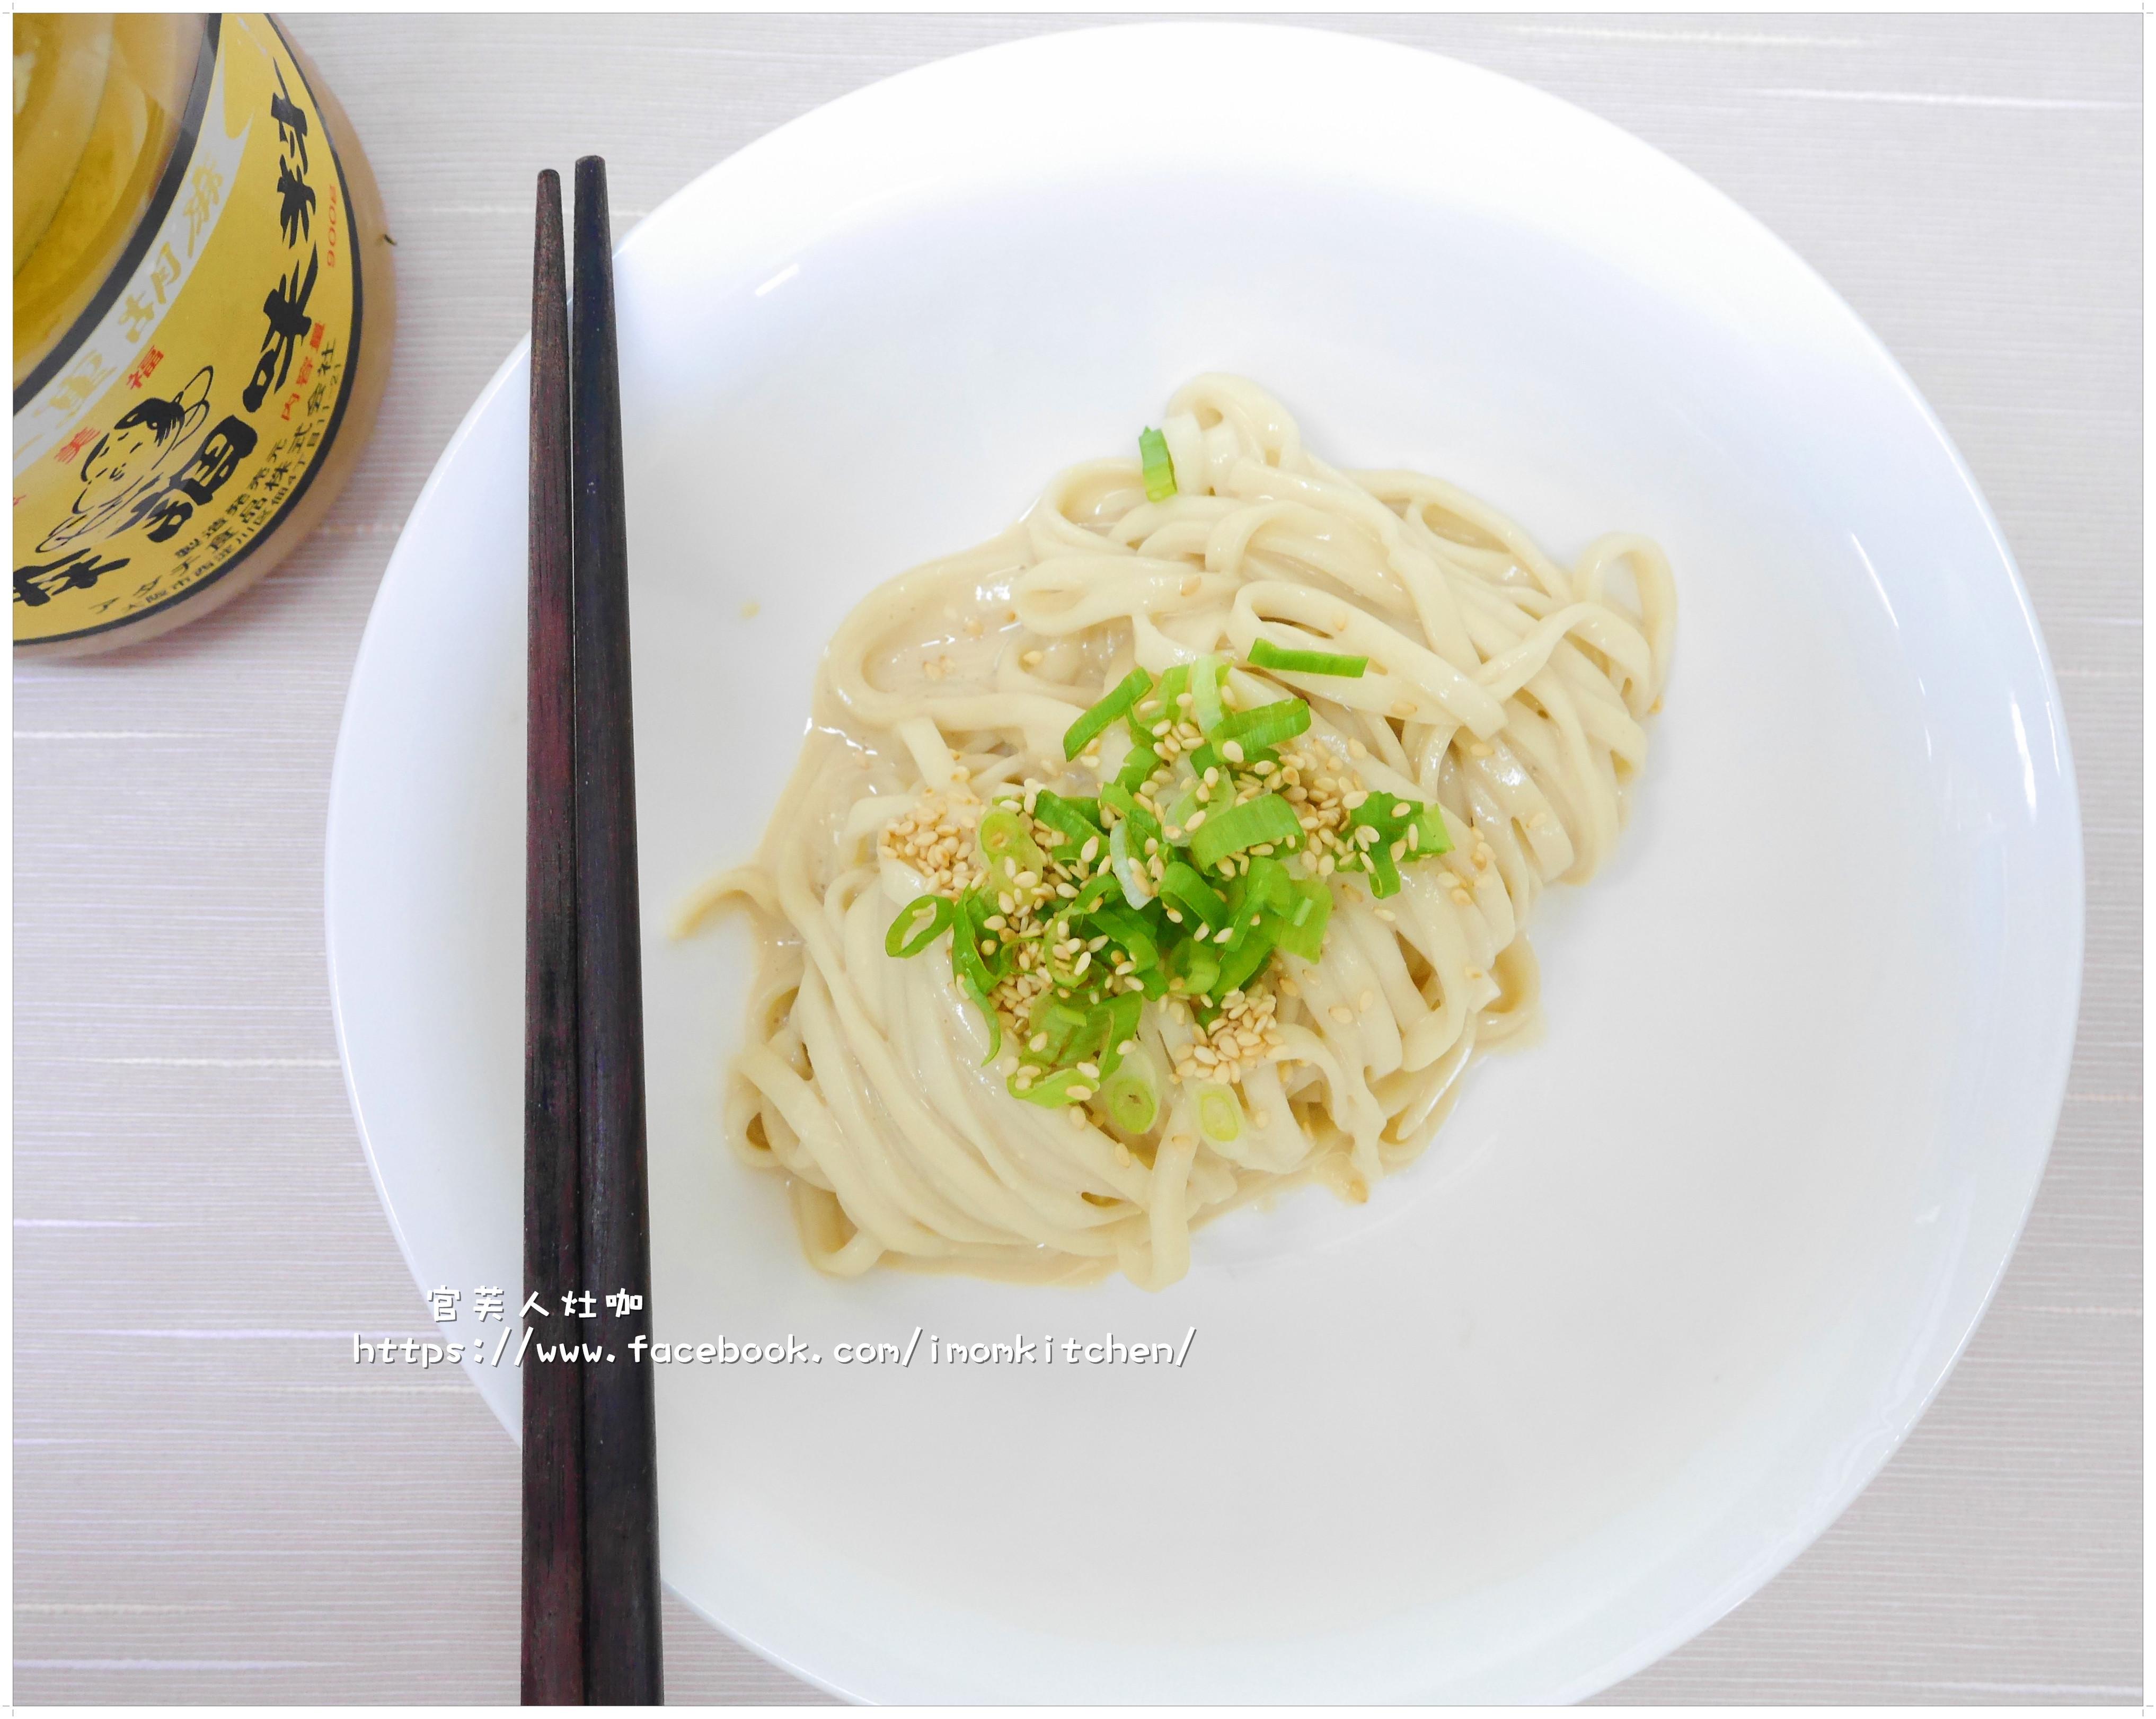 【日式胡麻冷麵】涼夏消暑料理